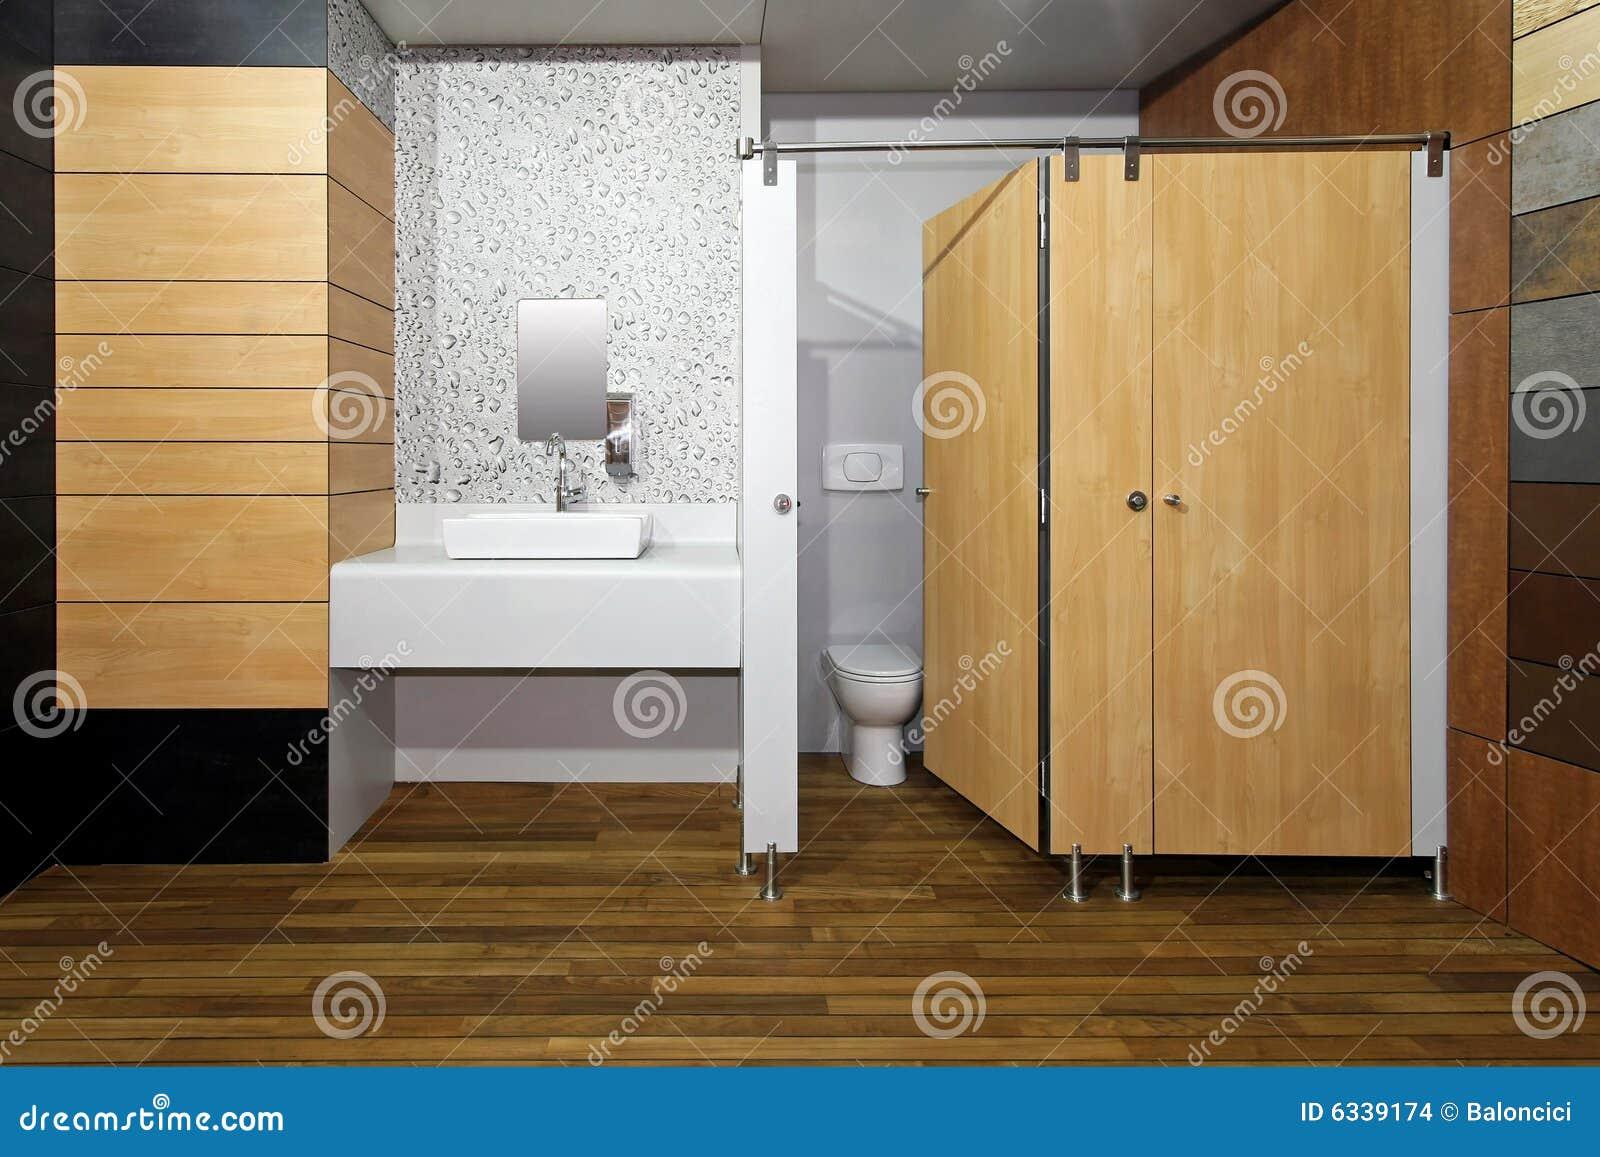 Public toilet business plan